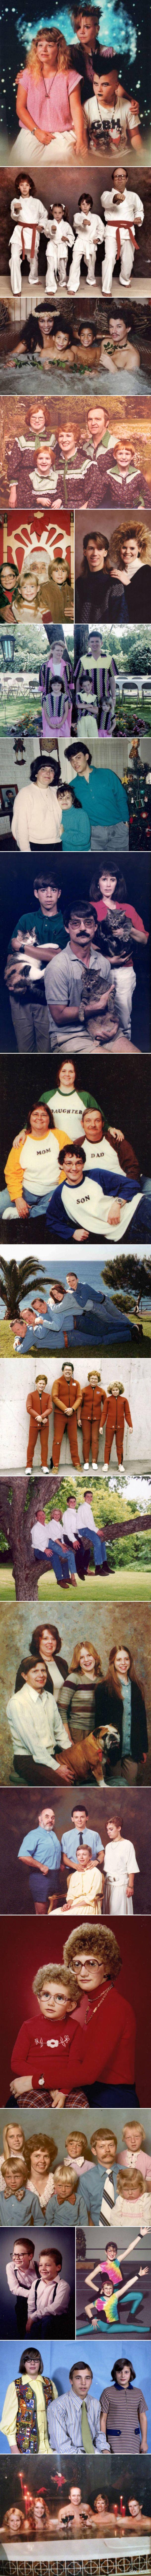 Koszmarne zdjęcia rodzinne z lat 80-tych